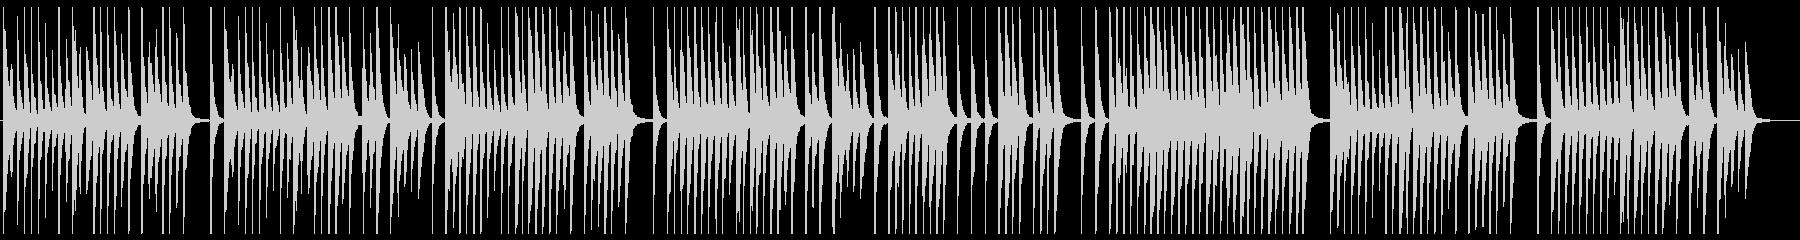 哀愁のあるバイオリン(ピチカート奏法)の未再生の波形